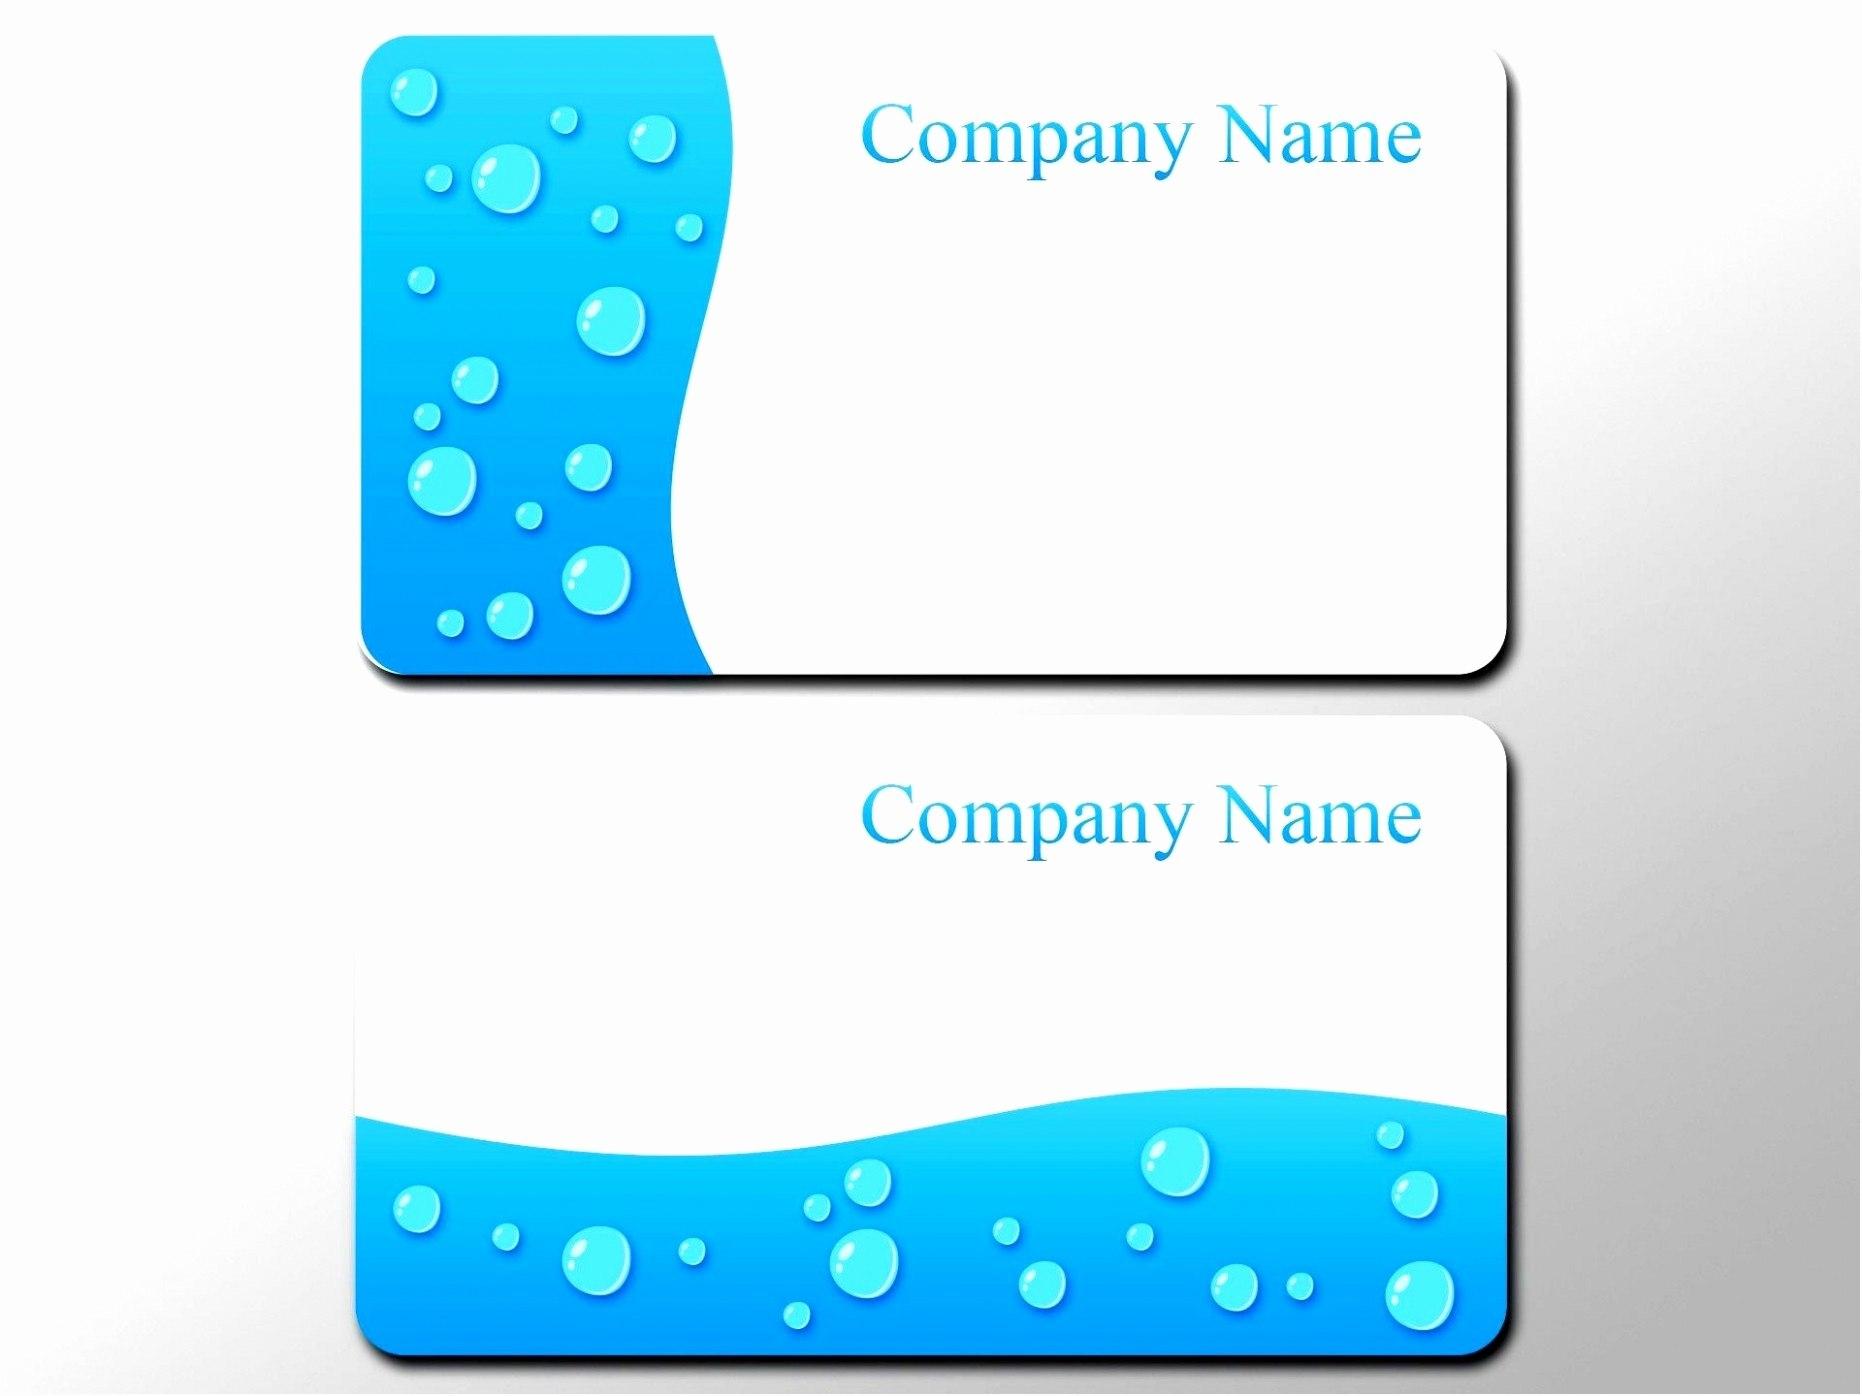 Business Card Size Template Photoshop Unique Business Card Sizes Intended For Business Card Size Template Photoshop